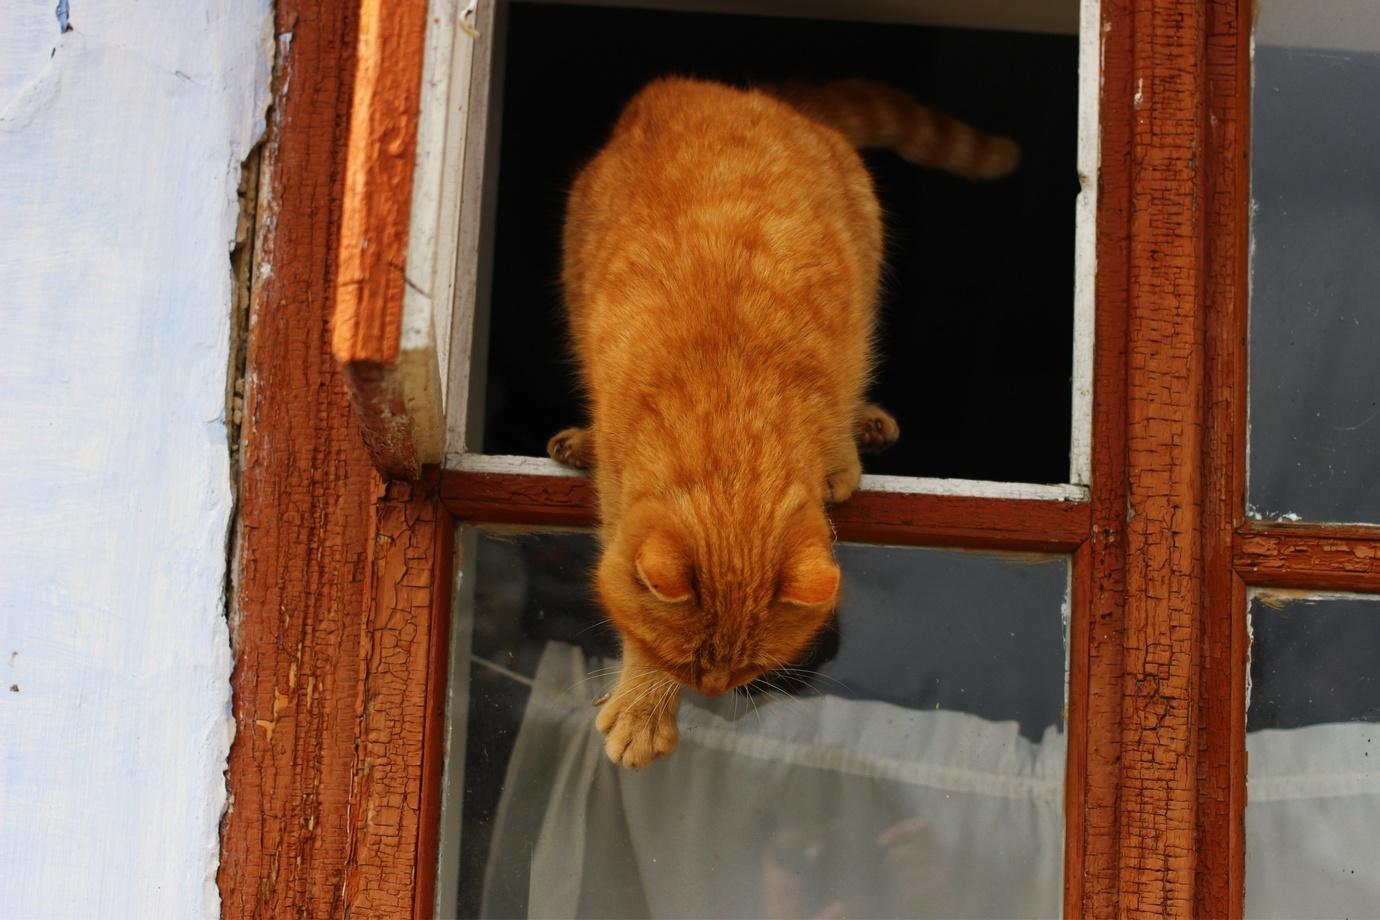 愛猫を絶対に脱走させない! 簡単に設置できる窓周りのアイテム4選